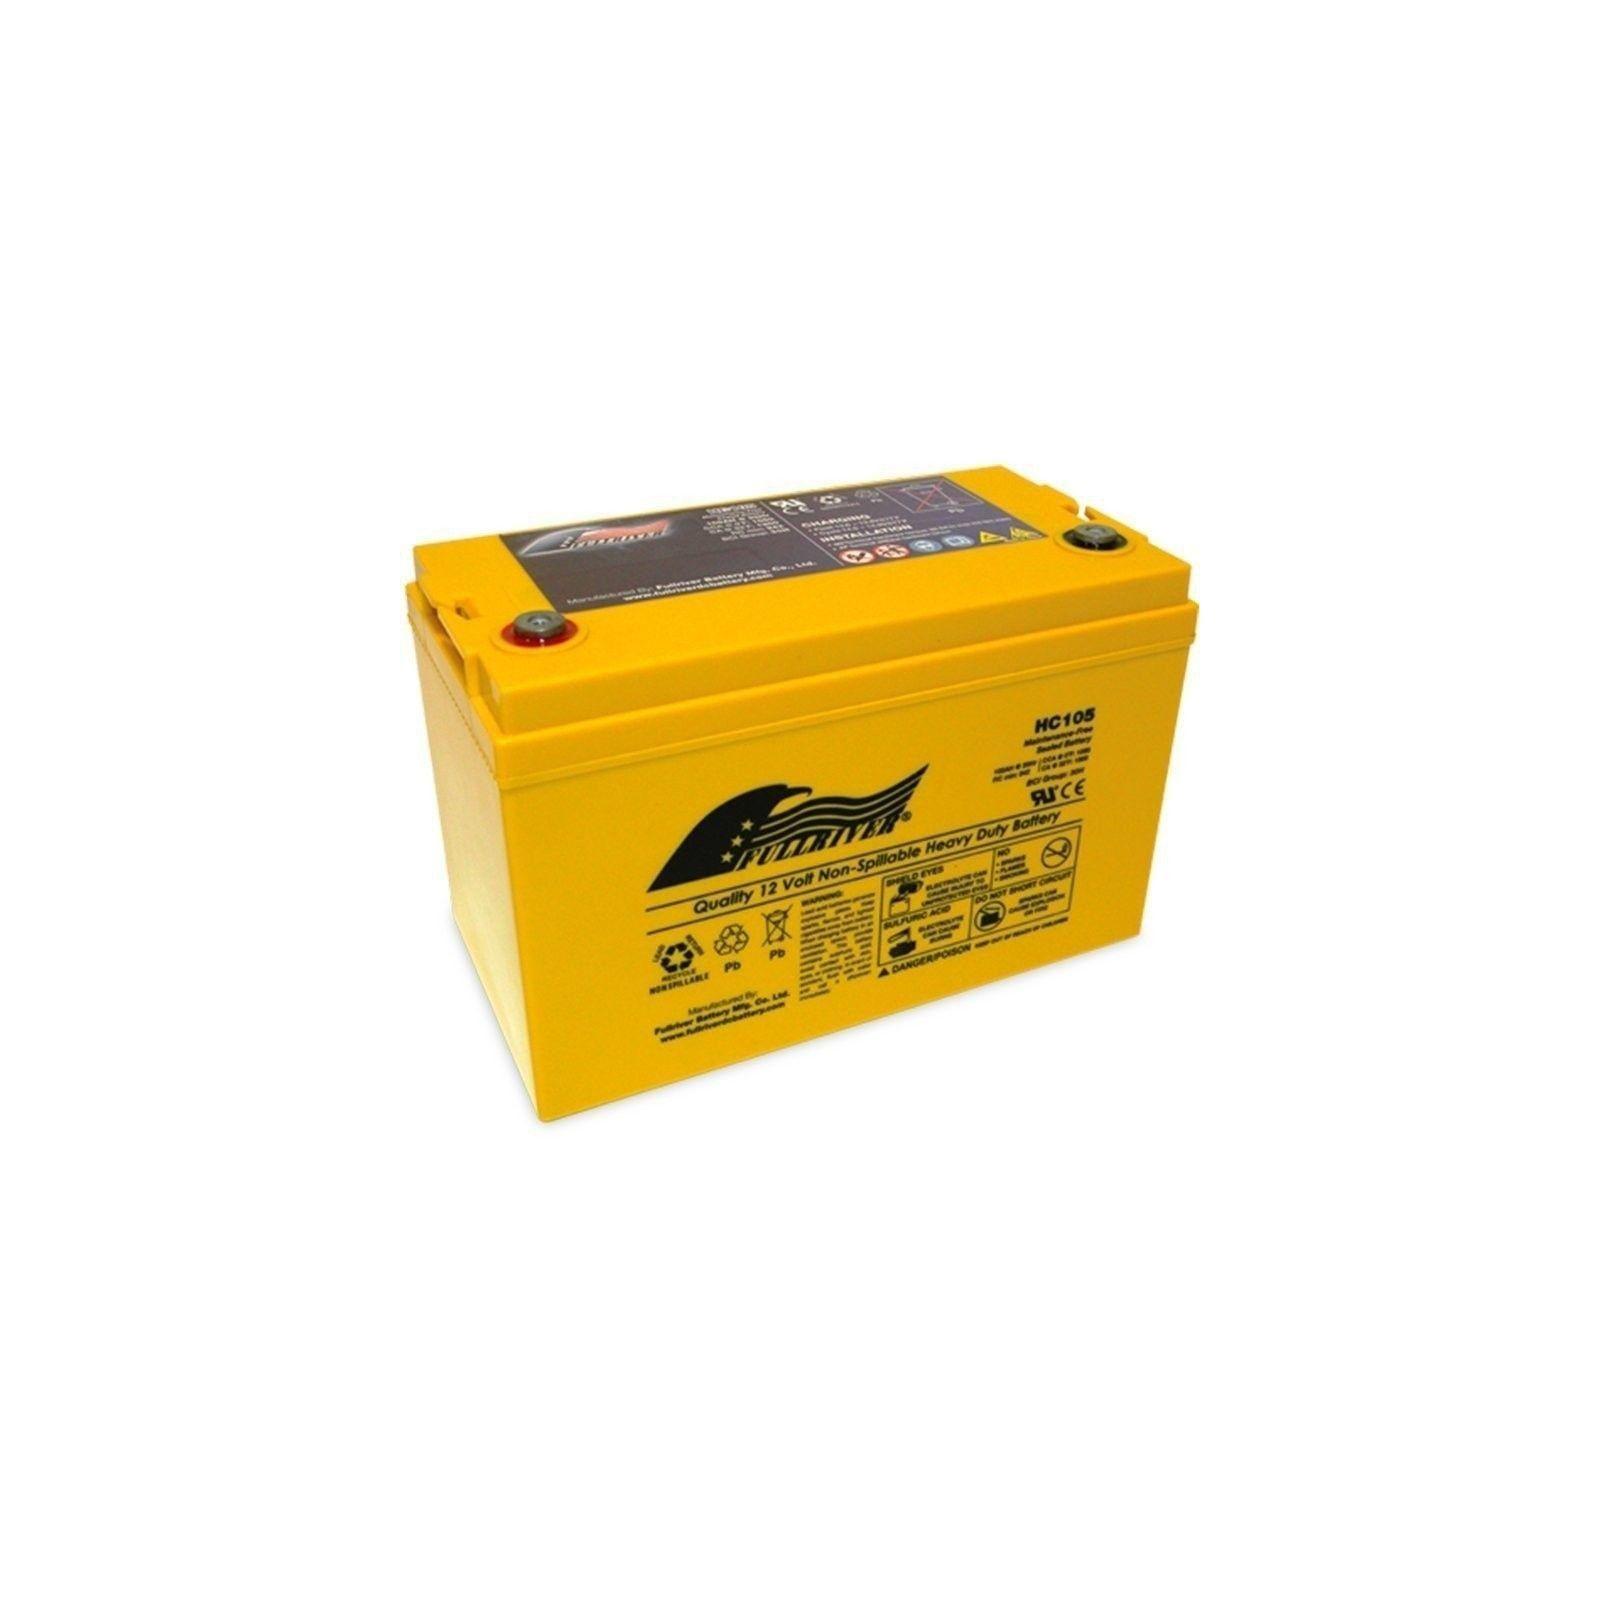 Batería Fullriver HC105 105Ah 1050A 12V Hc FULLRIVER - 1